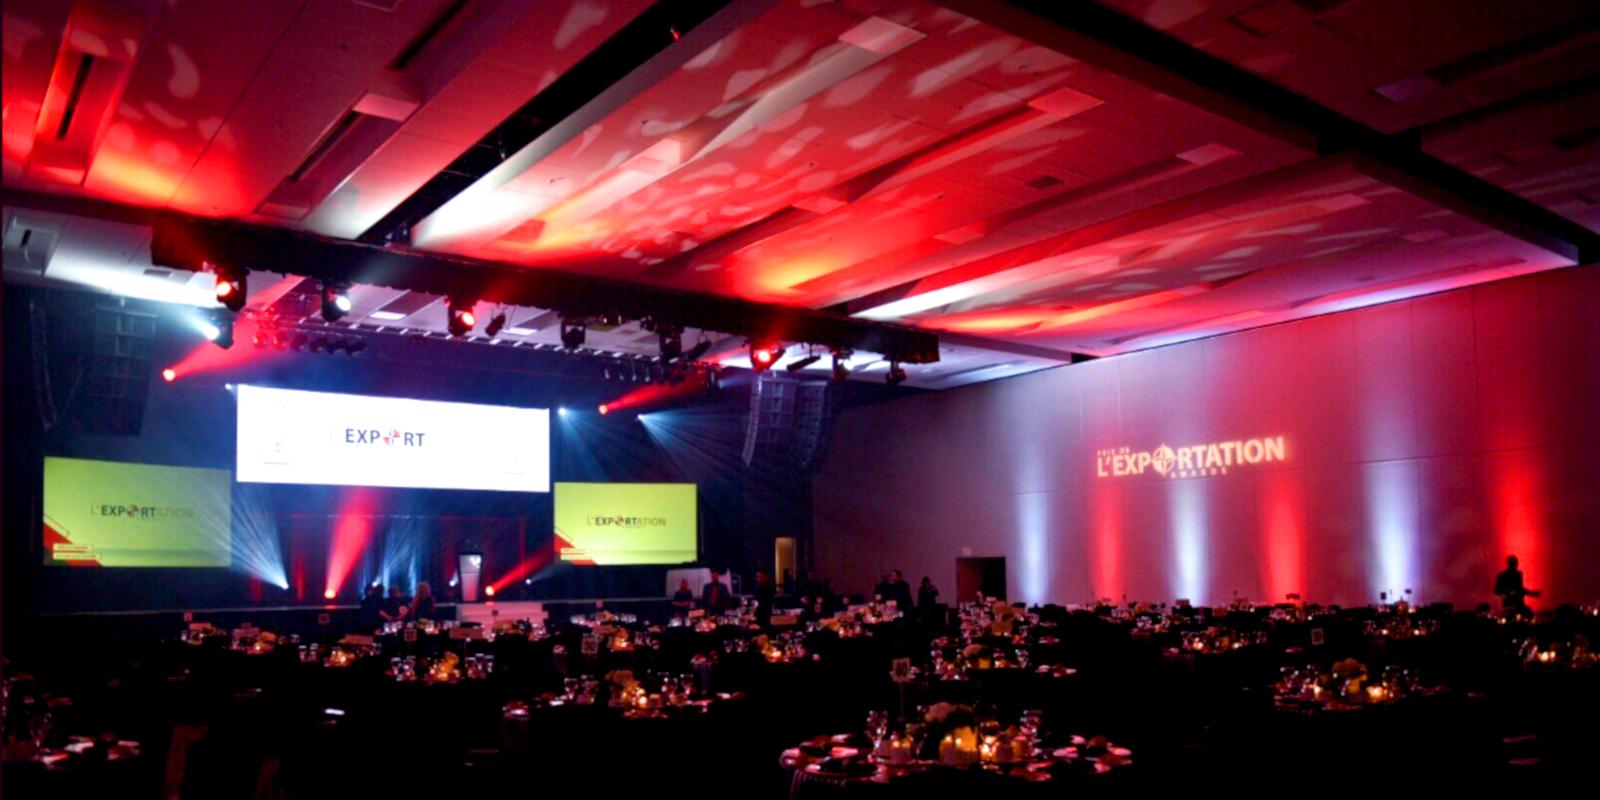 IAS - Export NB Awards Gala (1,600x800px)